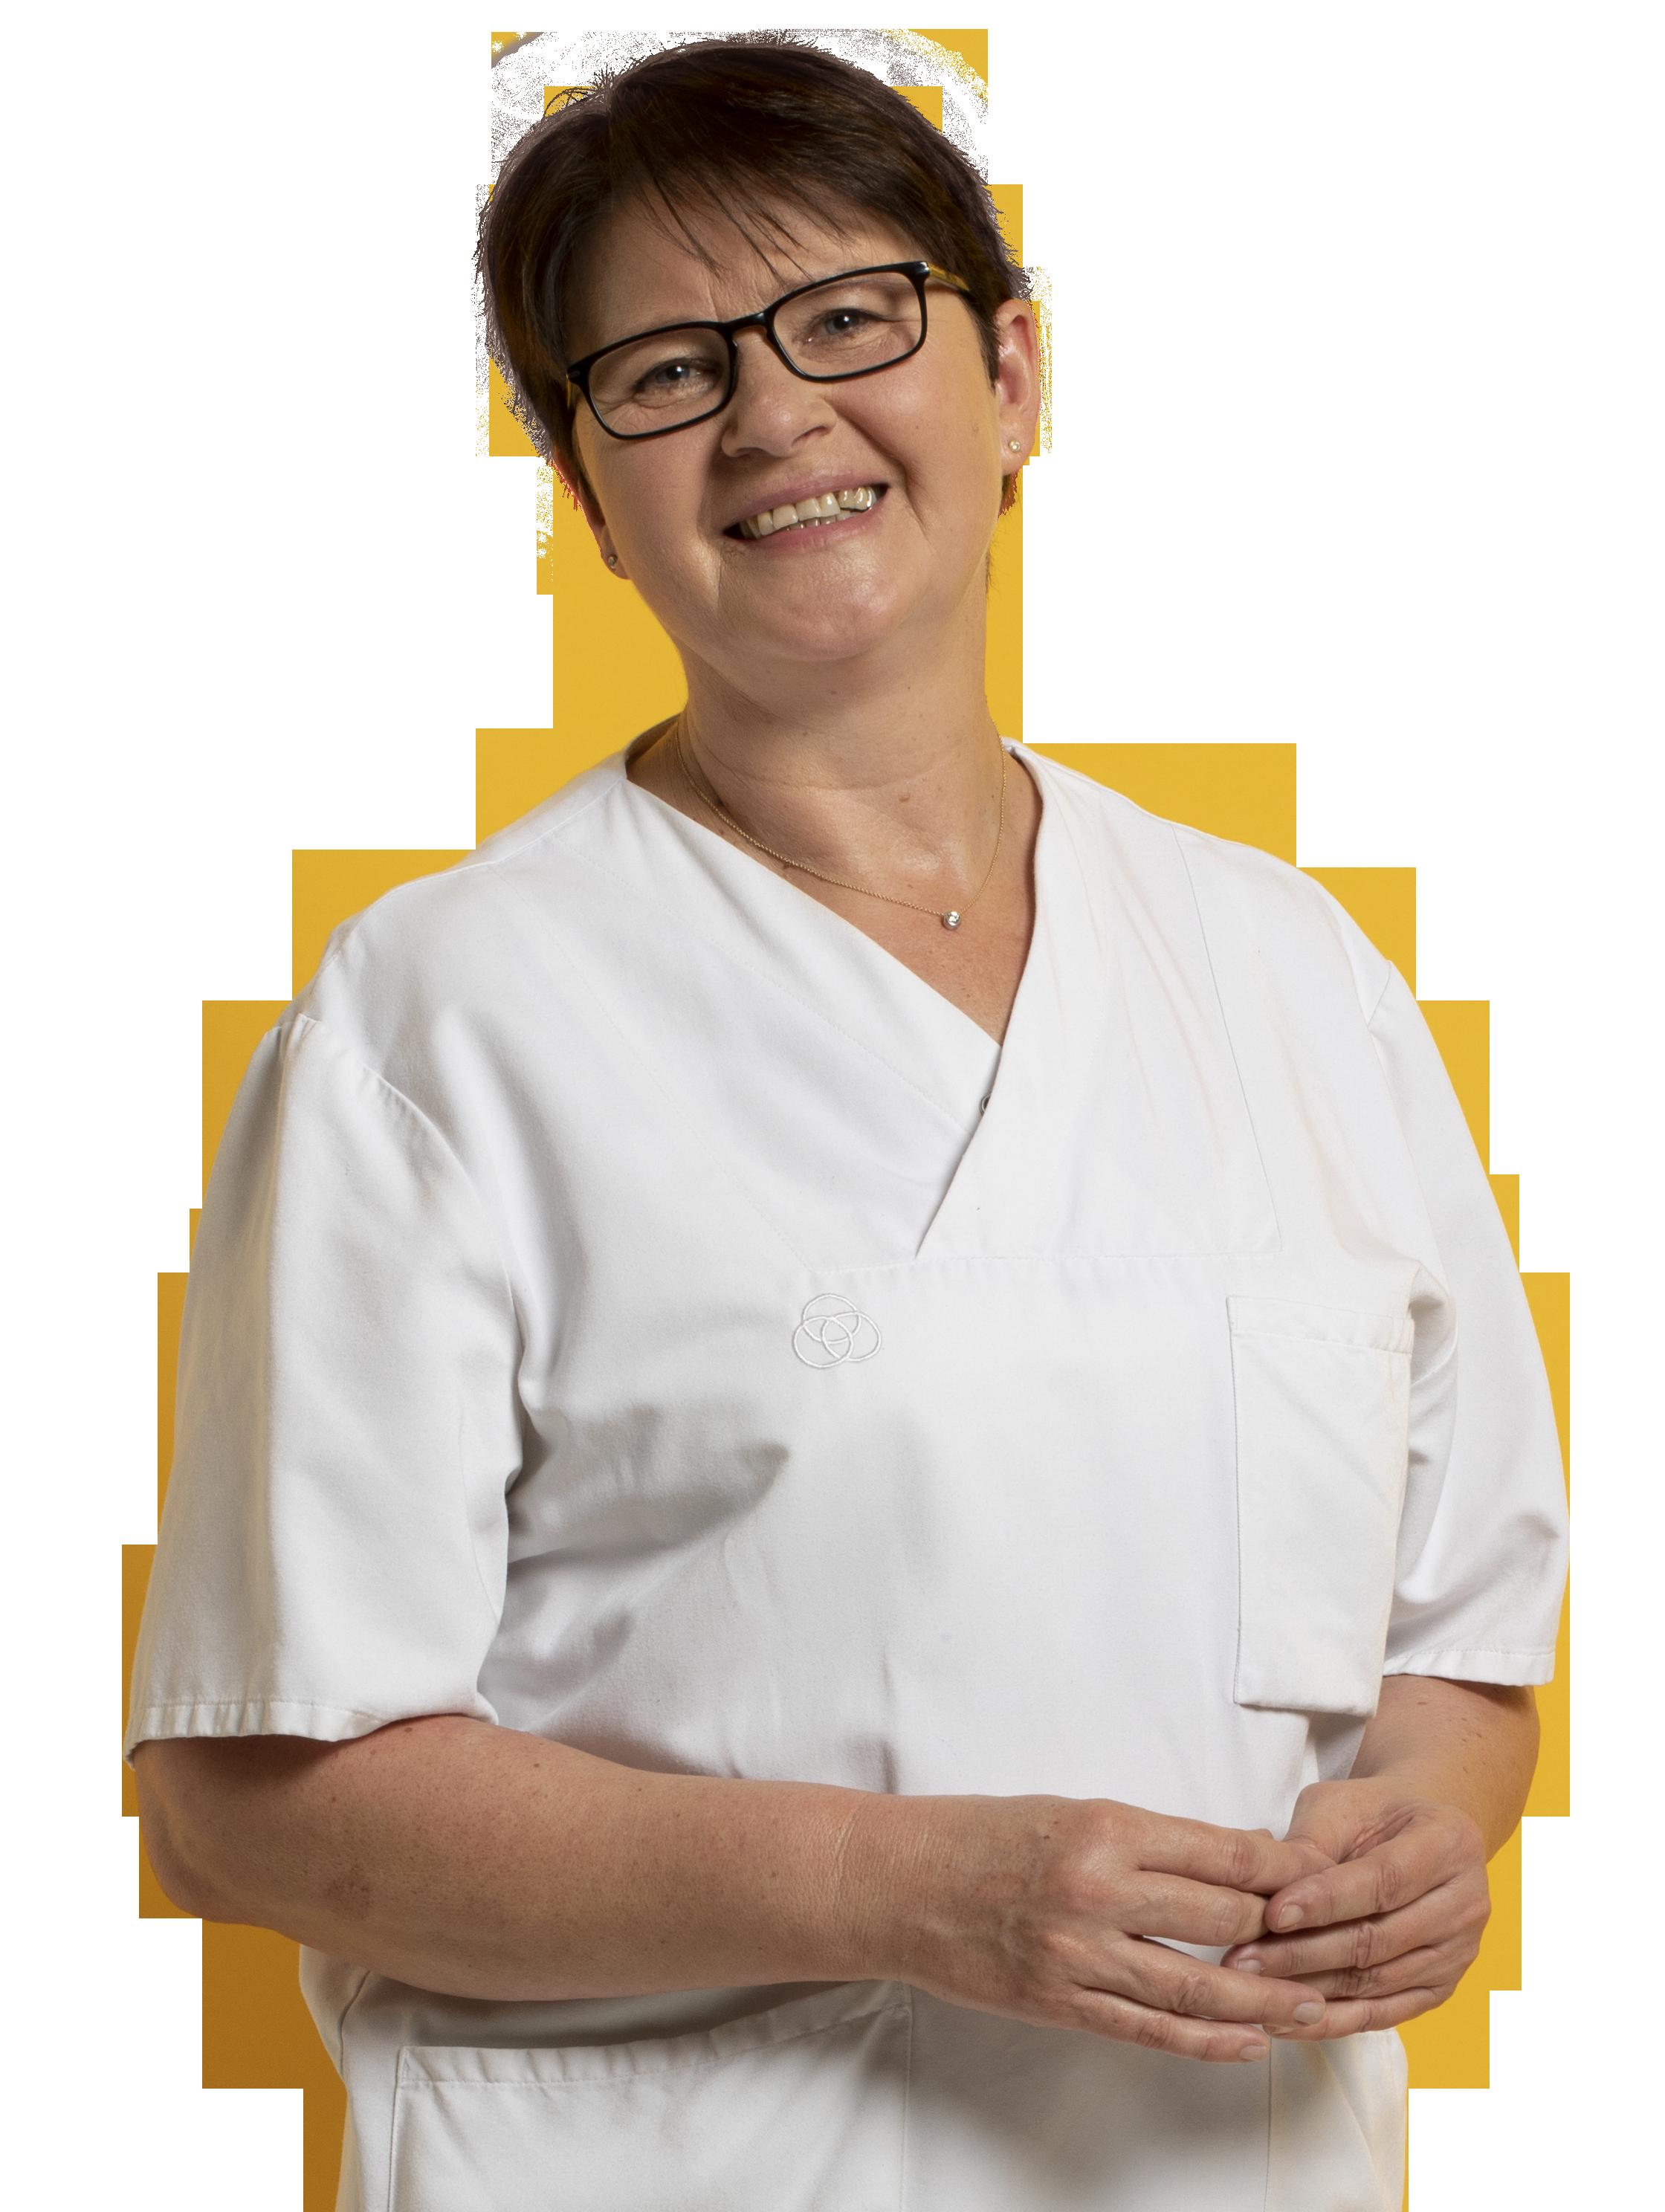 Foto mit Frau. Sie lächelt und trägt weiße Berufskleidung der Medizin und Pflege.